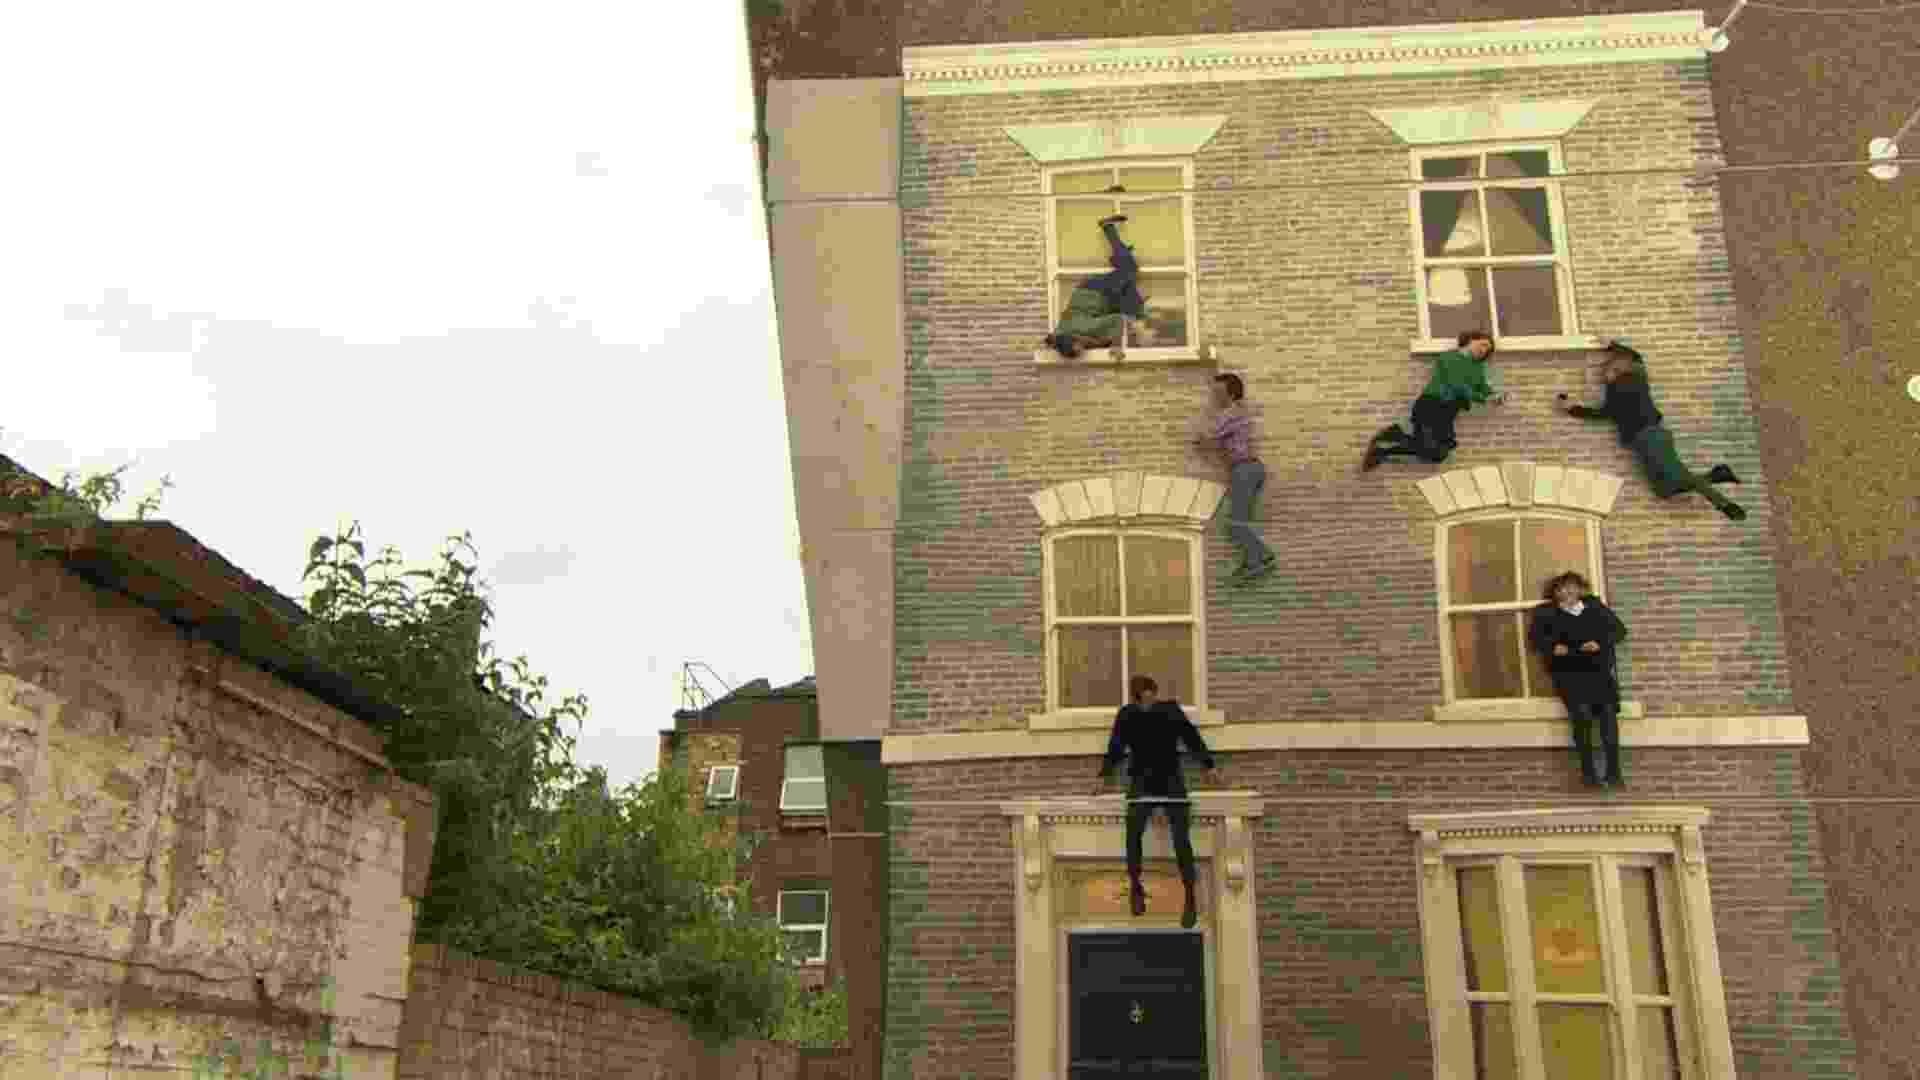 """Batizada """"Dalston House"""", a obra do argentino Leandro Erlich faz com que a imaginação do participante seja tão importante quanto a do próprio artista. A instalação, no bairro de Dalston, no leste de Londres, desafia a gravidade. E esta não é a primeira vez que Erlich faz isso. A instalação """"Piscina"""", de 2008, colocava os visitantes submersos, embora, no fundo, eles estivessem secos - BBC"""